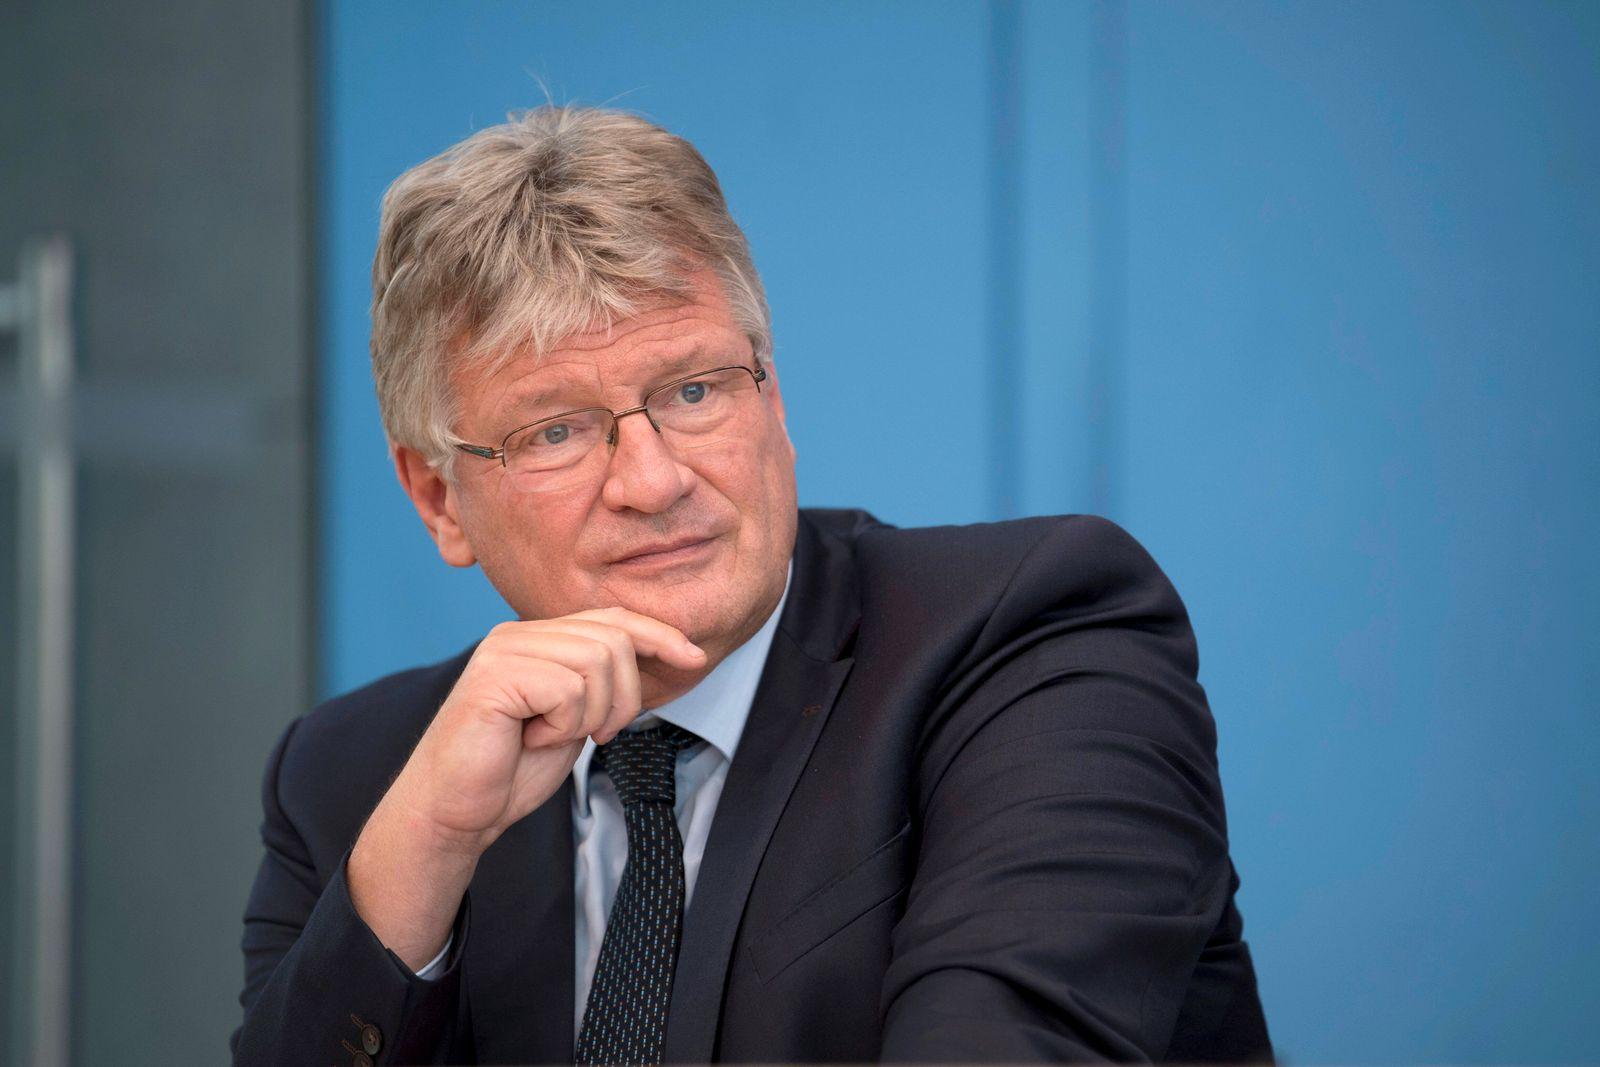 Joerg Meuthen, AfD DEU, Deutschland, Germany, Berlin, 27.09.2021 Joerg Meuthen, Bundessprecher der AfD, waehrend der PK